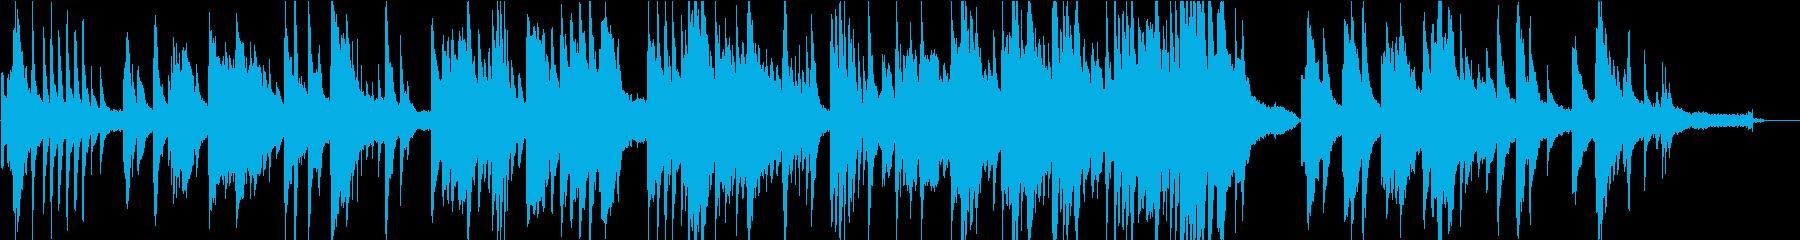 移り変わっていくものを表したピアノ曲の再生済みの波形